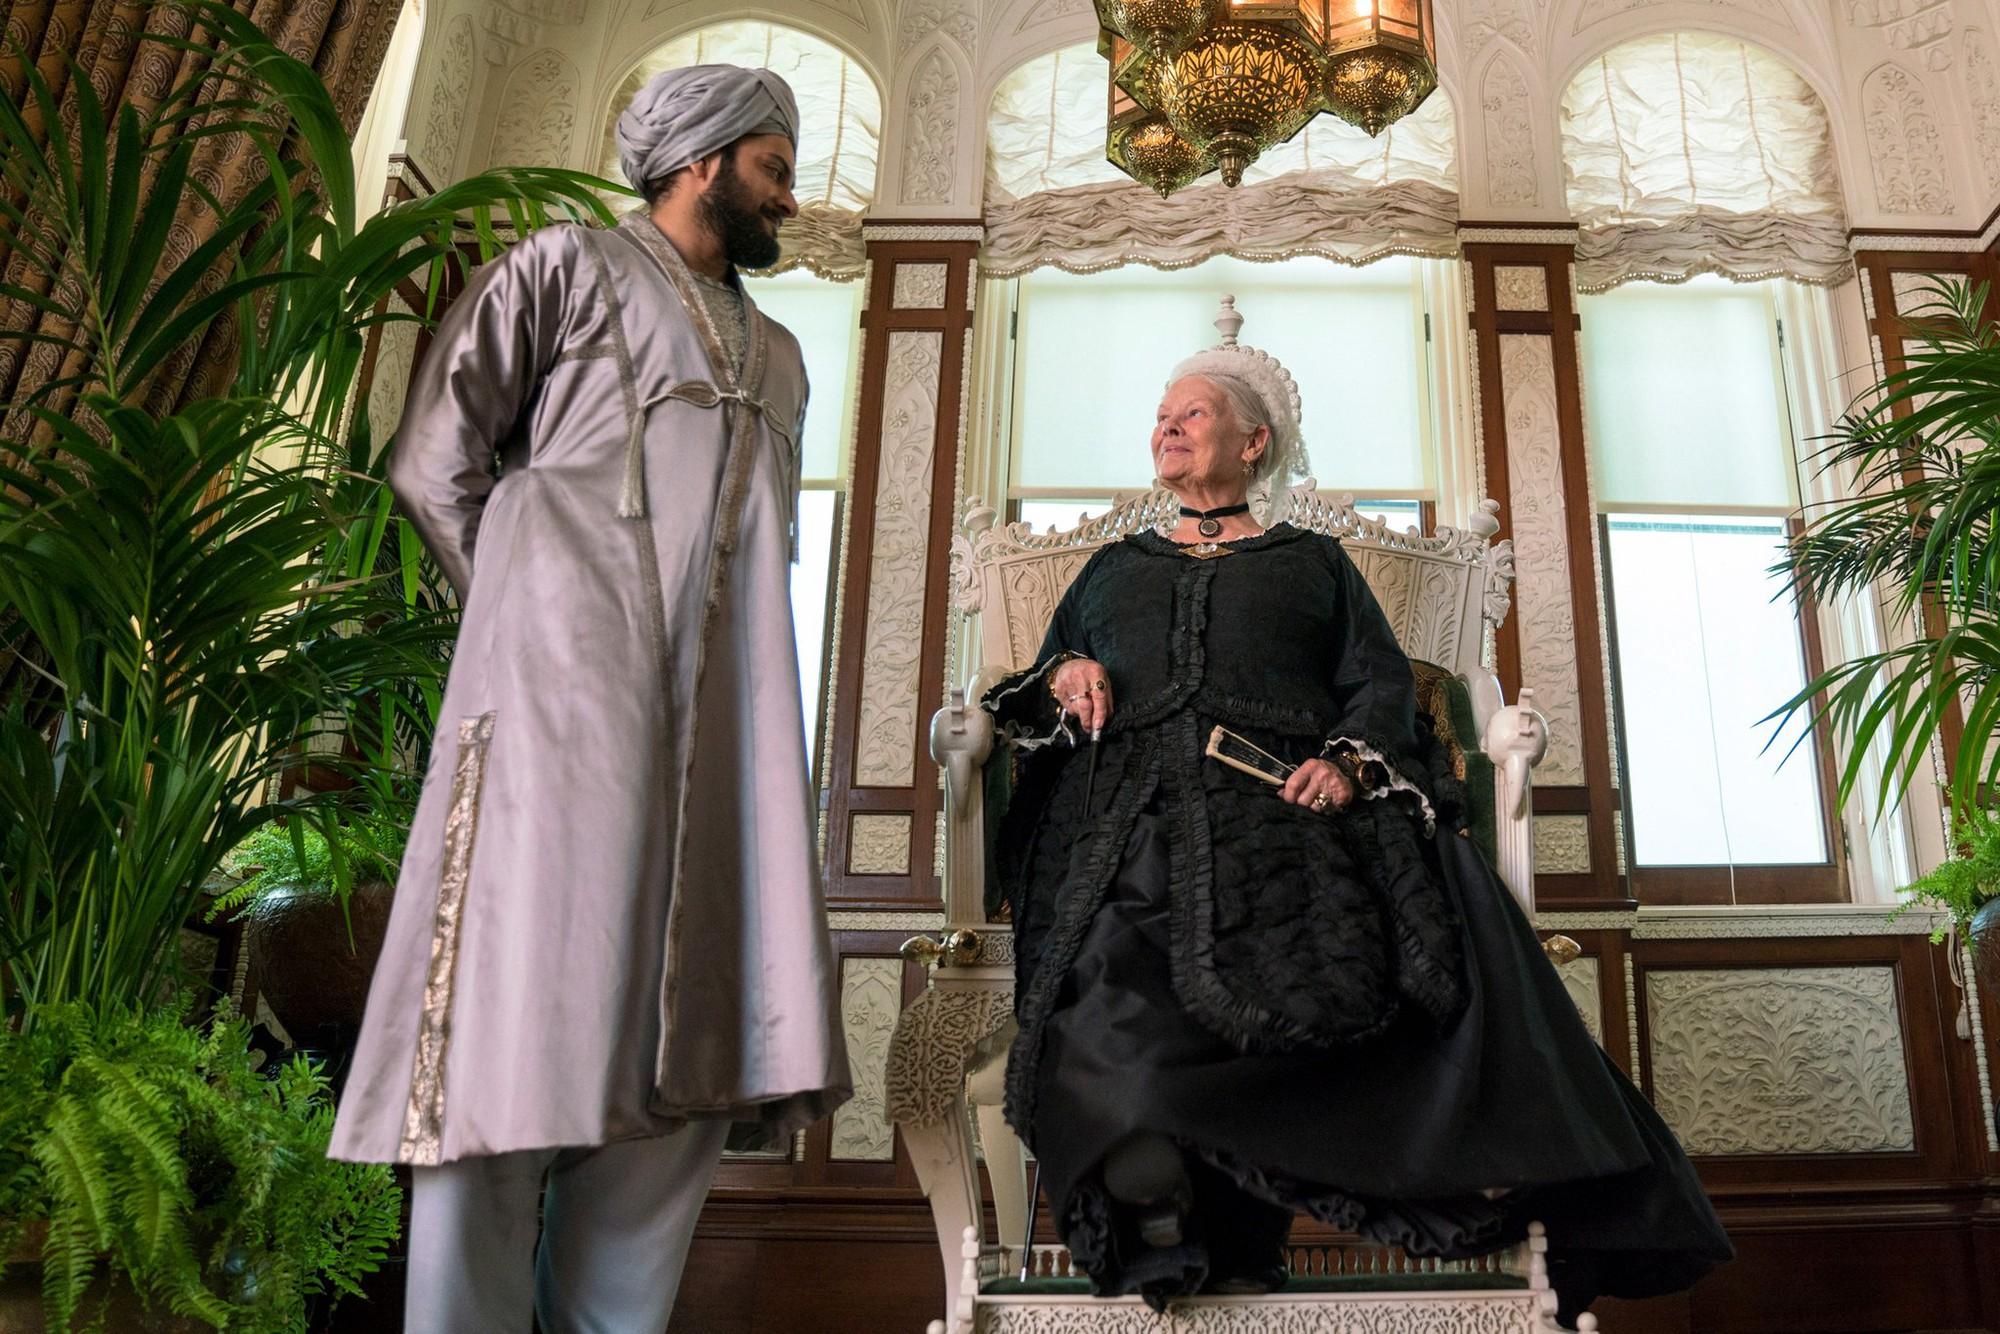 Victoria and Abdul - Tình bạn hoàng gia giữa ổ kền kền - Ảnh 1.